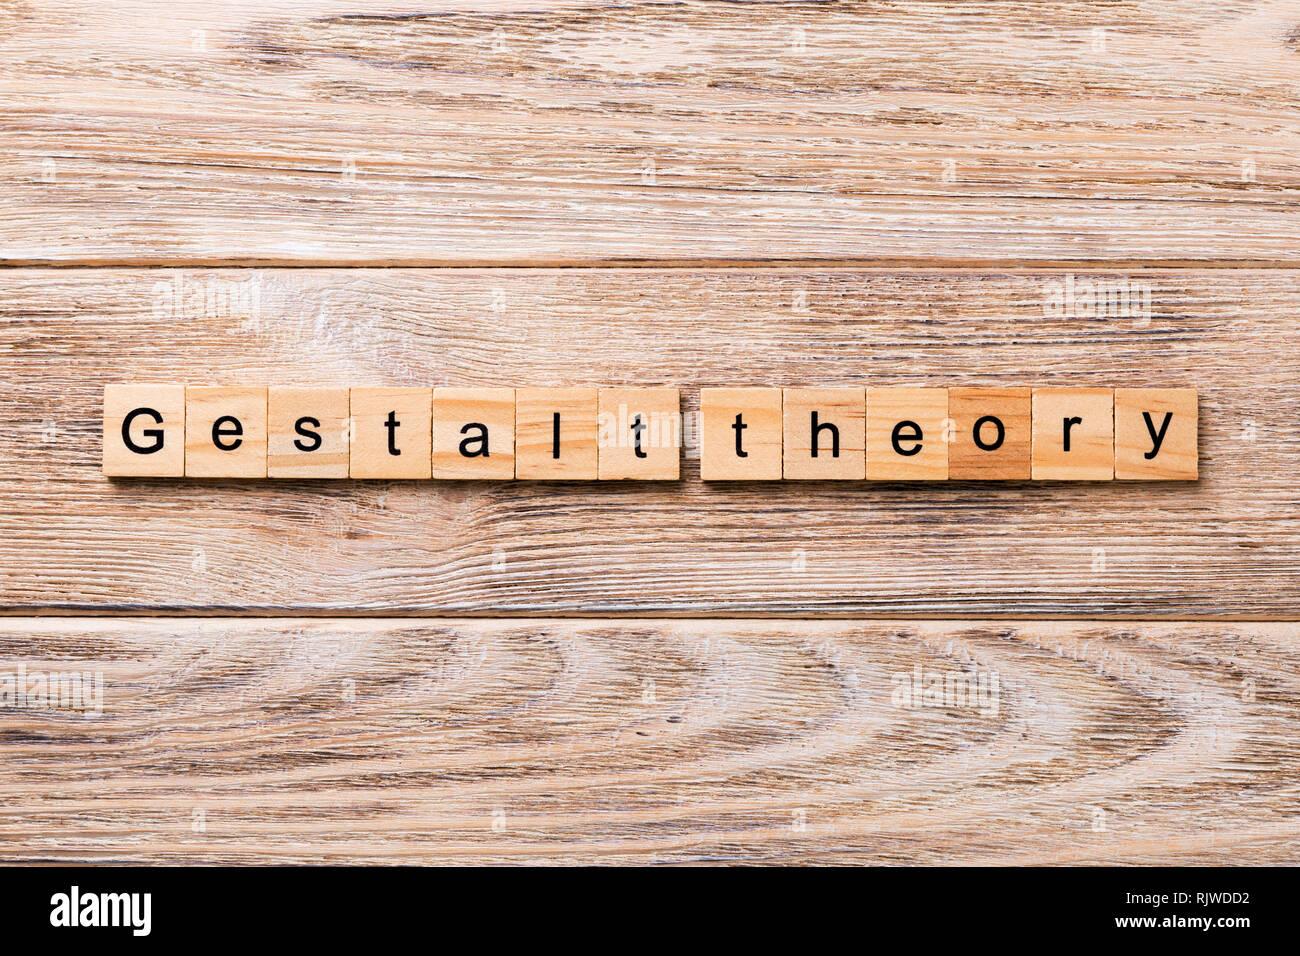 Gestalttheorie Wort auf Holz Block geschrieben. gestalttheorie Text auf Holz- Tabelle für Ihr Design, Konzept. Stockbild